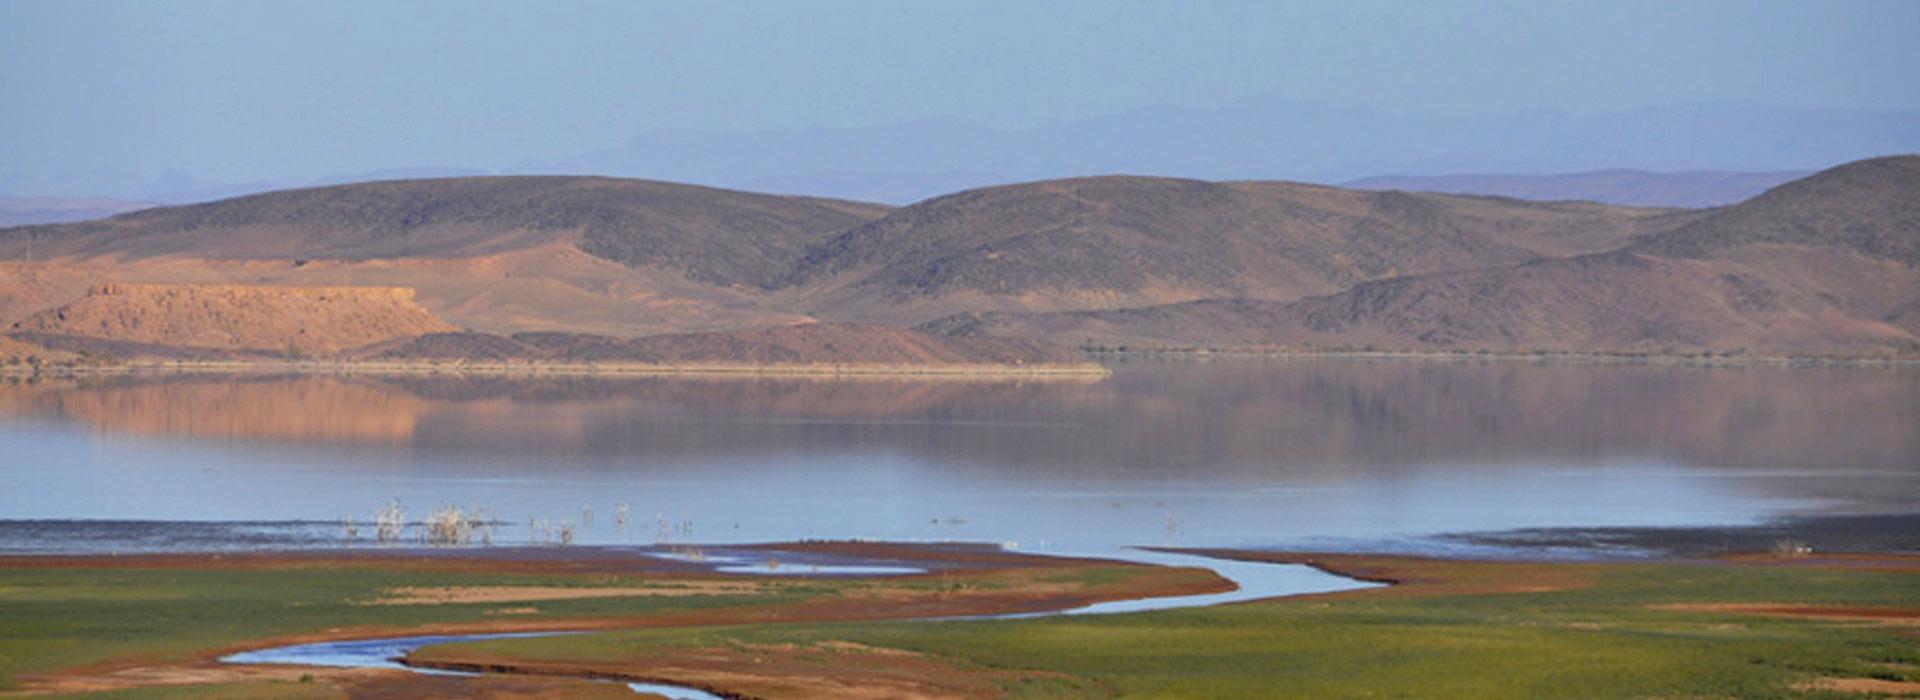 Le lac artificiel Mansour Eddahbi de Ouarzazate